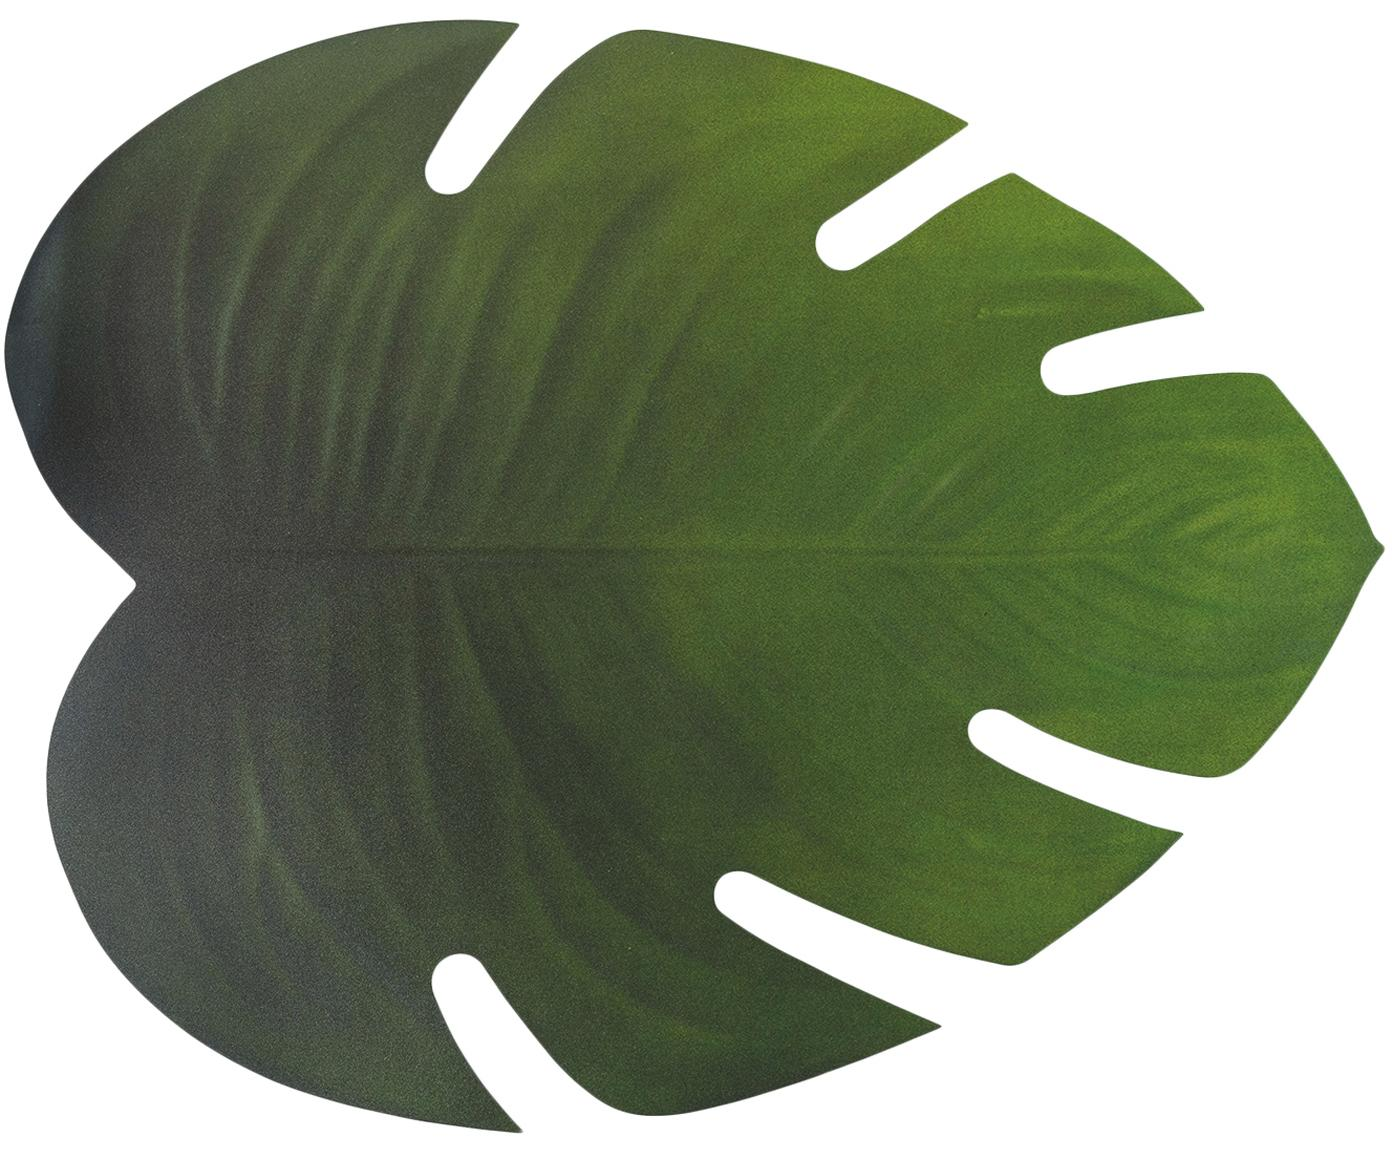 Podkładka z tworzywa sztucznego Jungle, 6 szt., Tworzywo sztuczne (PCV), Zielony, S 37 x D 47 cm